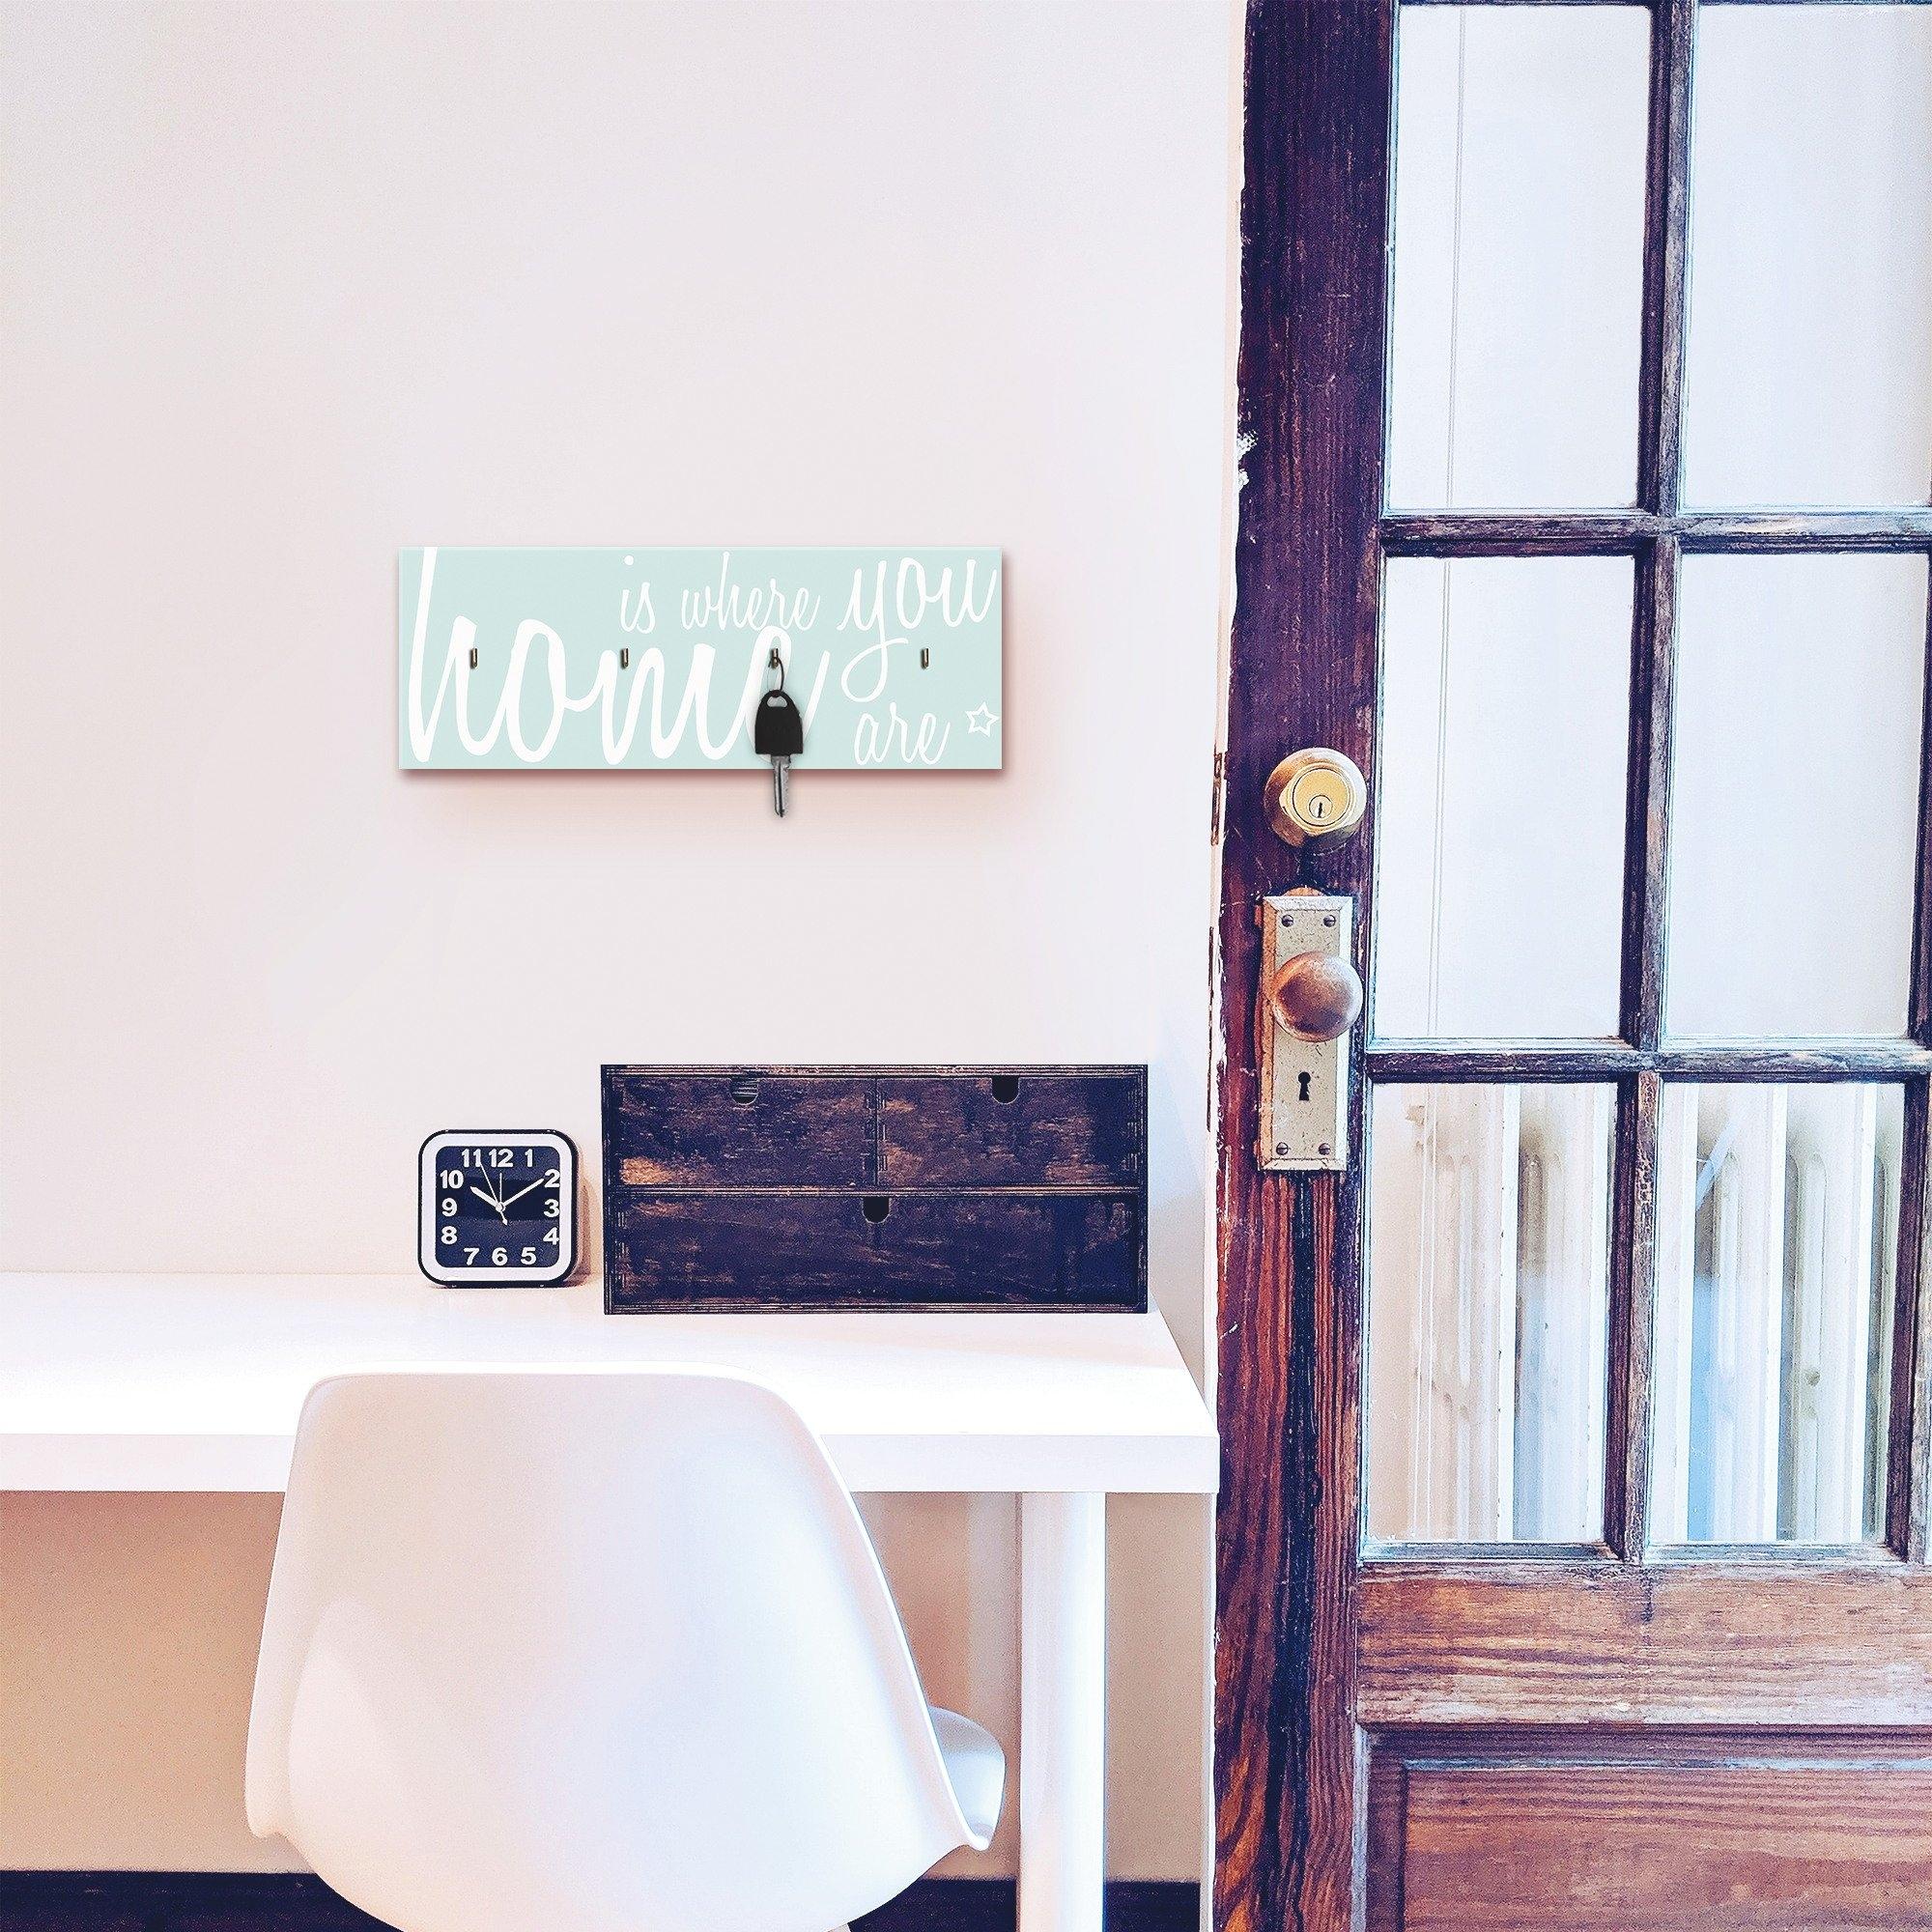 Artland Sleutelbord Thuis is, waar jij bent van hout met 4 sleutelhaakjes – sleutelbord, sleutelborden, sleutelhouder, sleutelhanger voor de hal – stijl: modern bestellen: 30 dagen bedenktijd